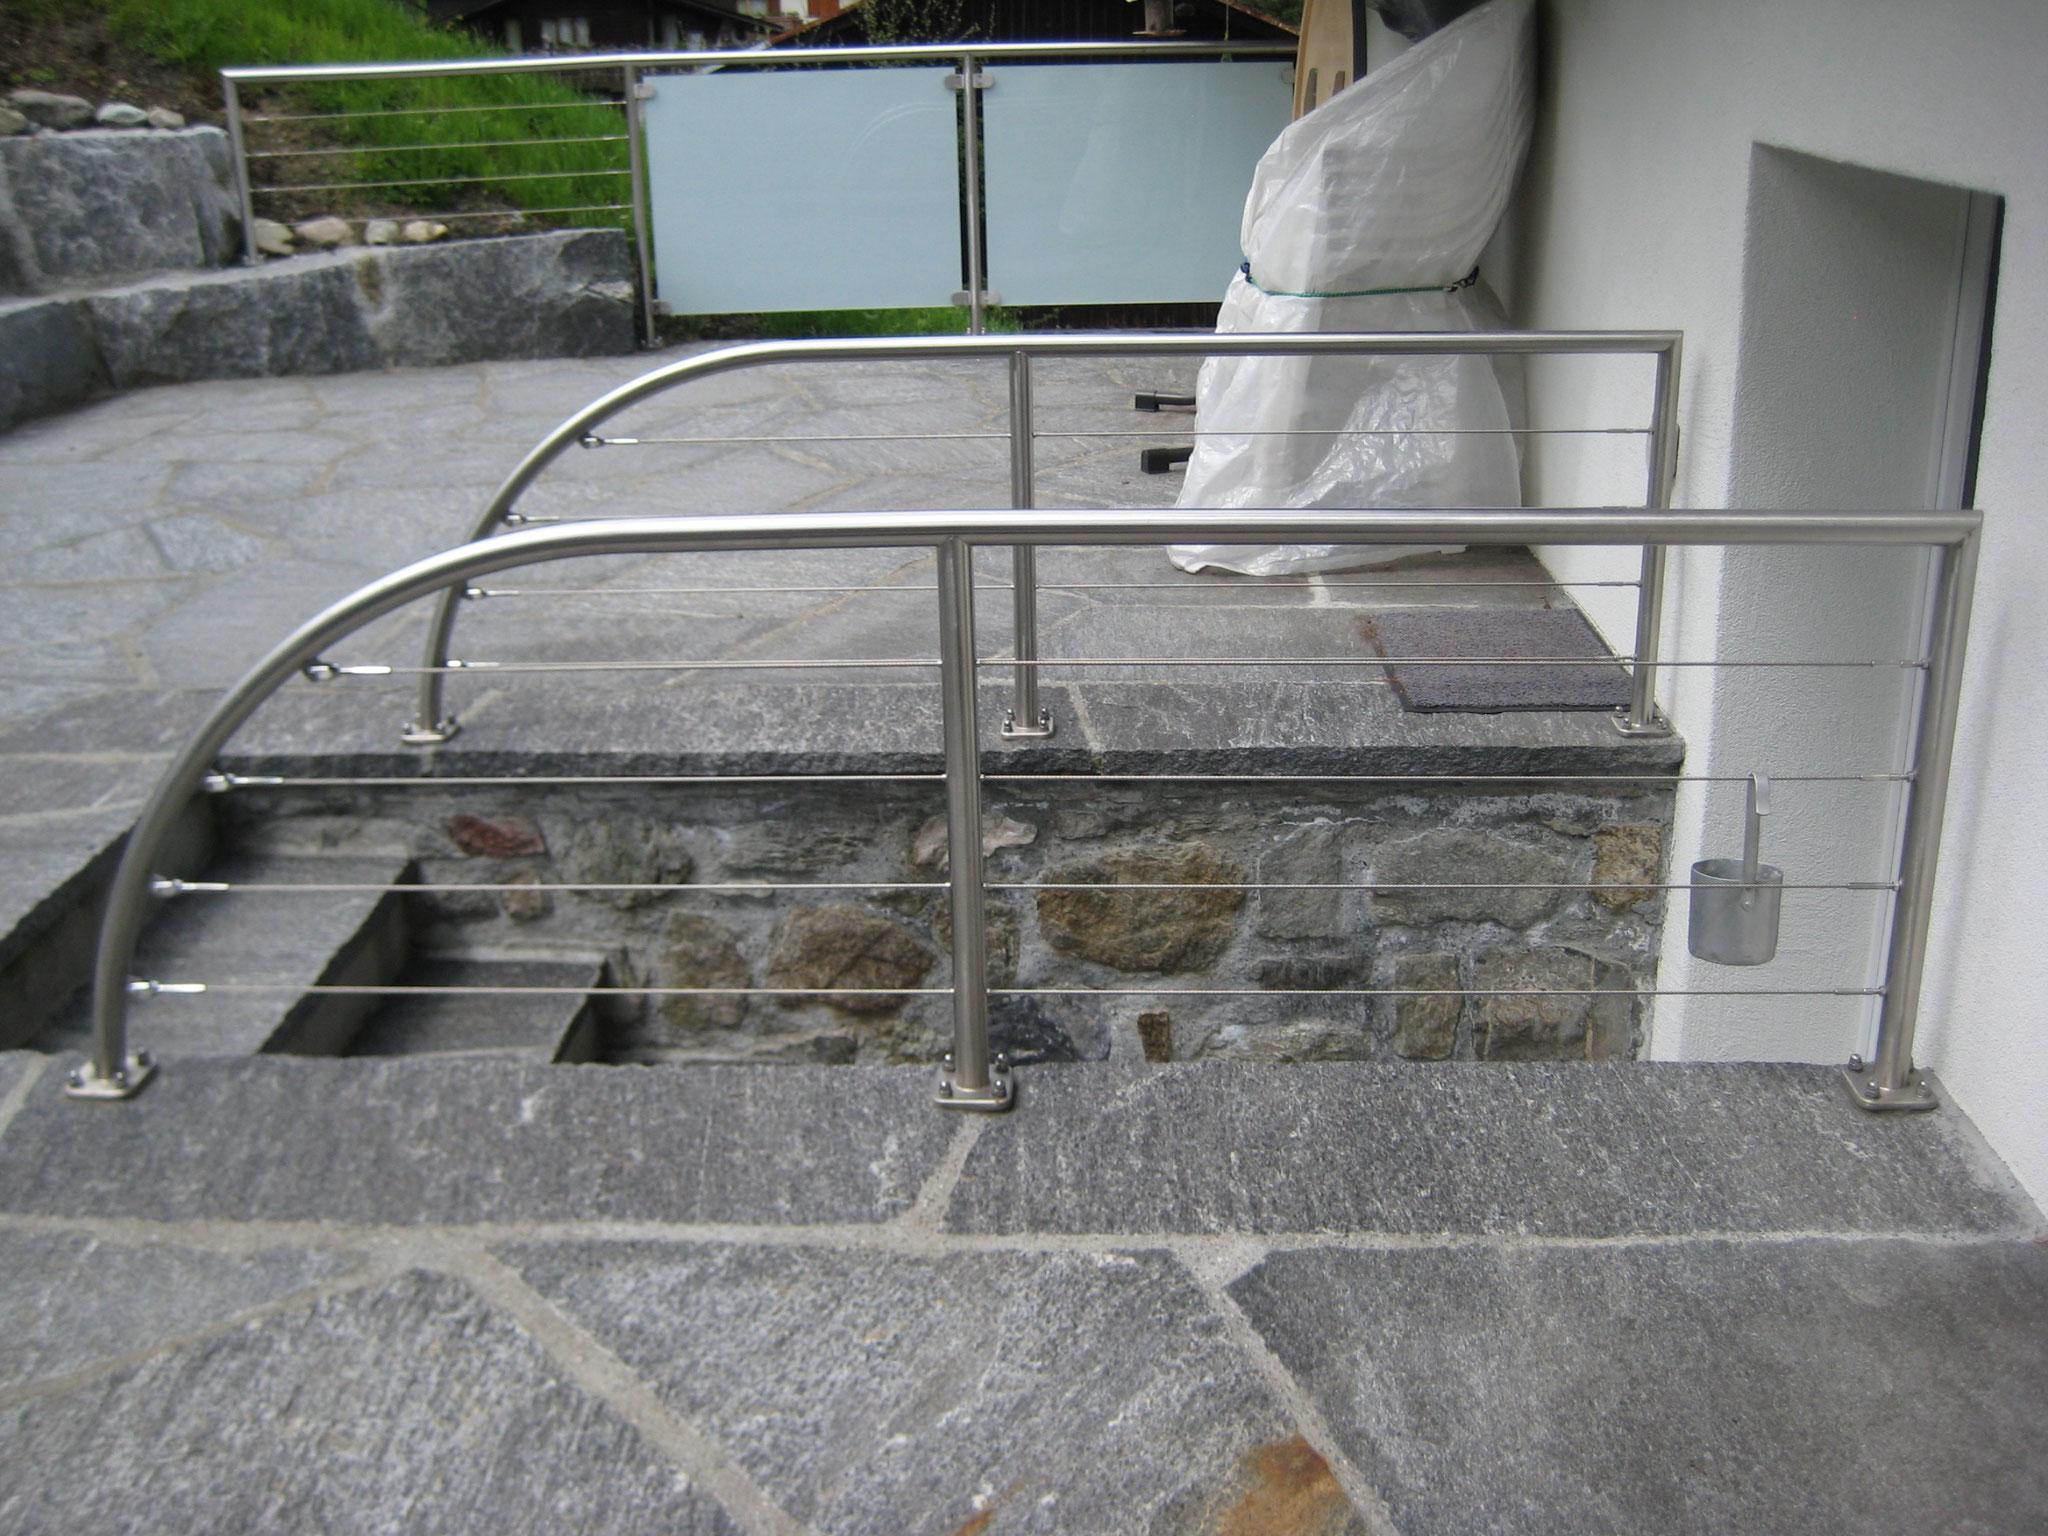 Geländer mit Edelstahlseilen